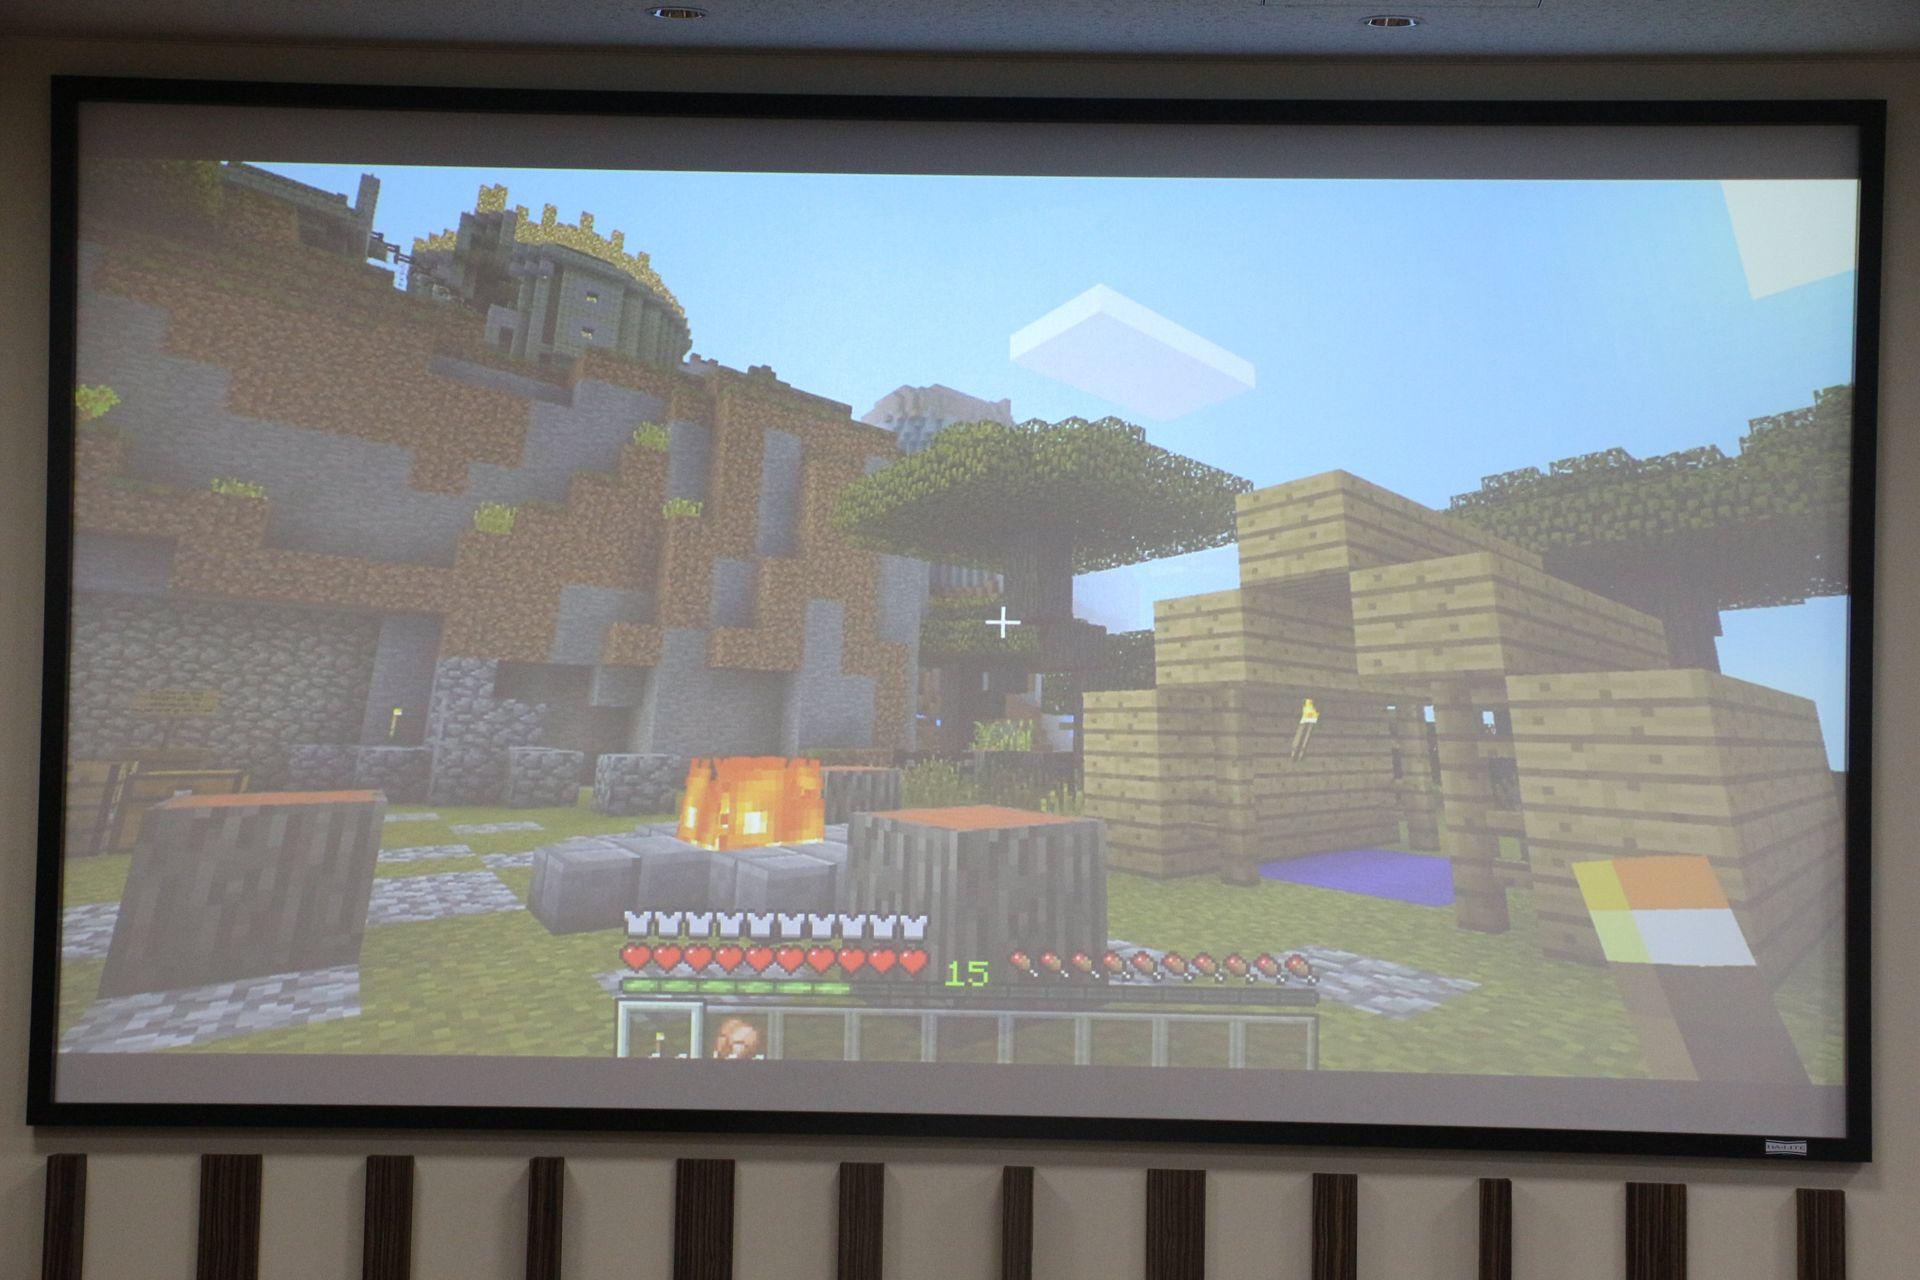 「Minecraft: Windows 10 Edition」。まだβの取れない本作だが、Oculus Riftにも対応し、Oculus Storeでも配信されることが決定。今春リリース予定